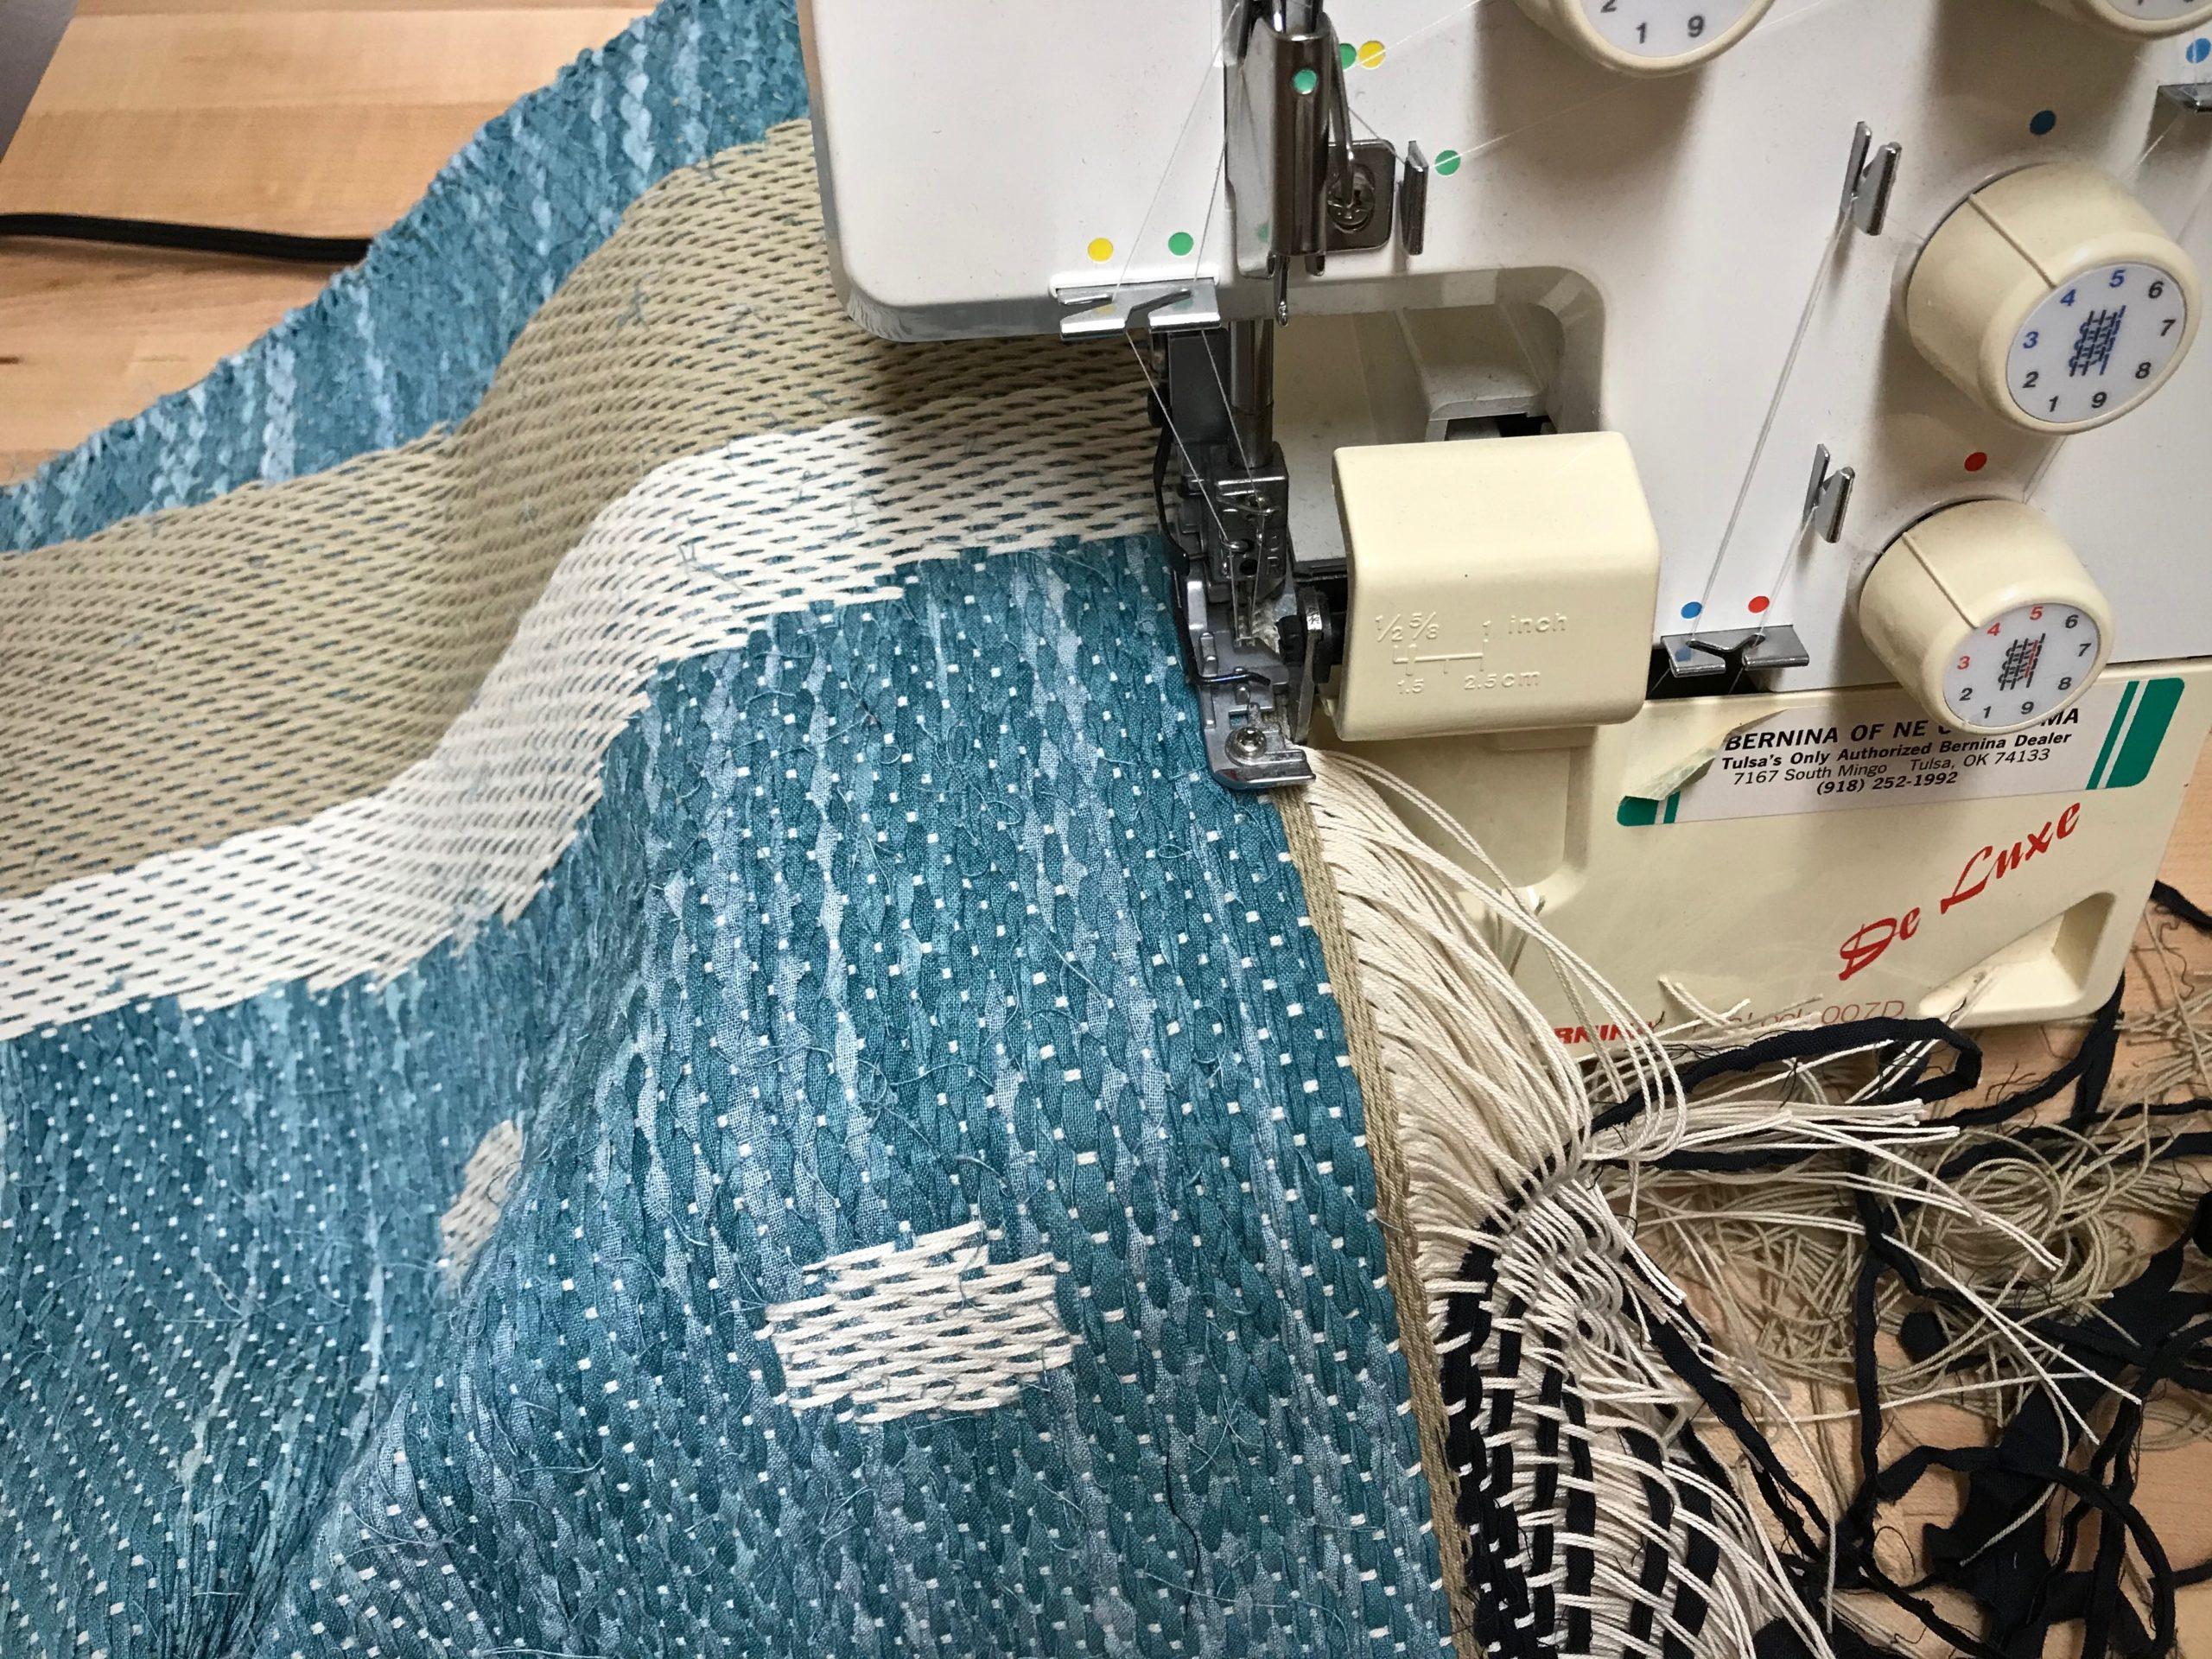 Drawloom rag rug finishing details.